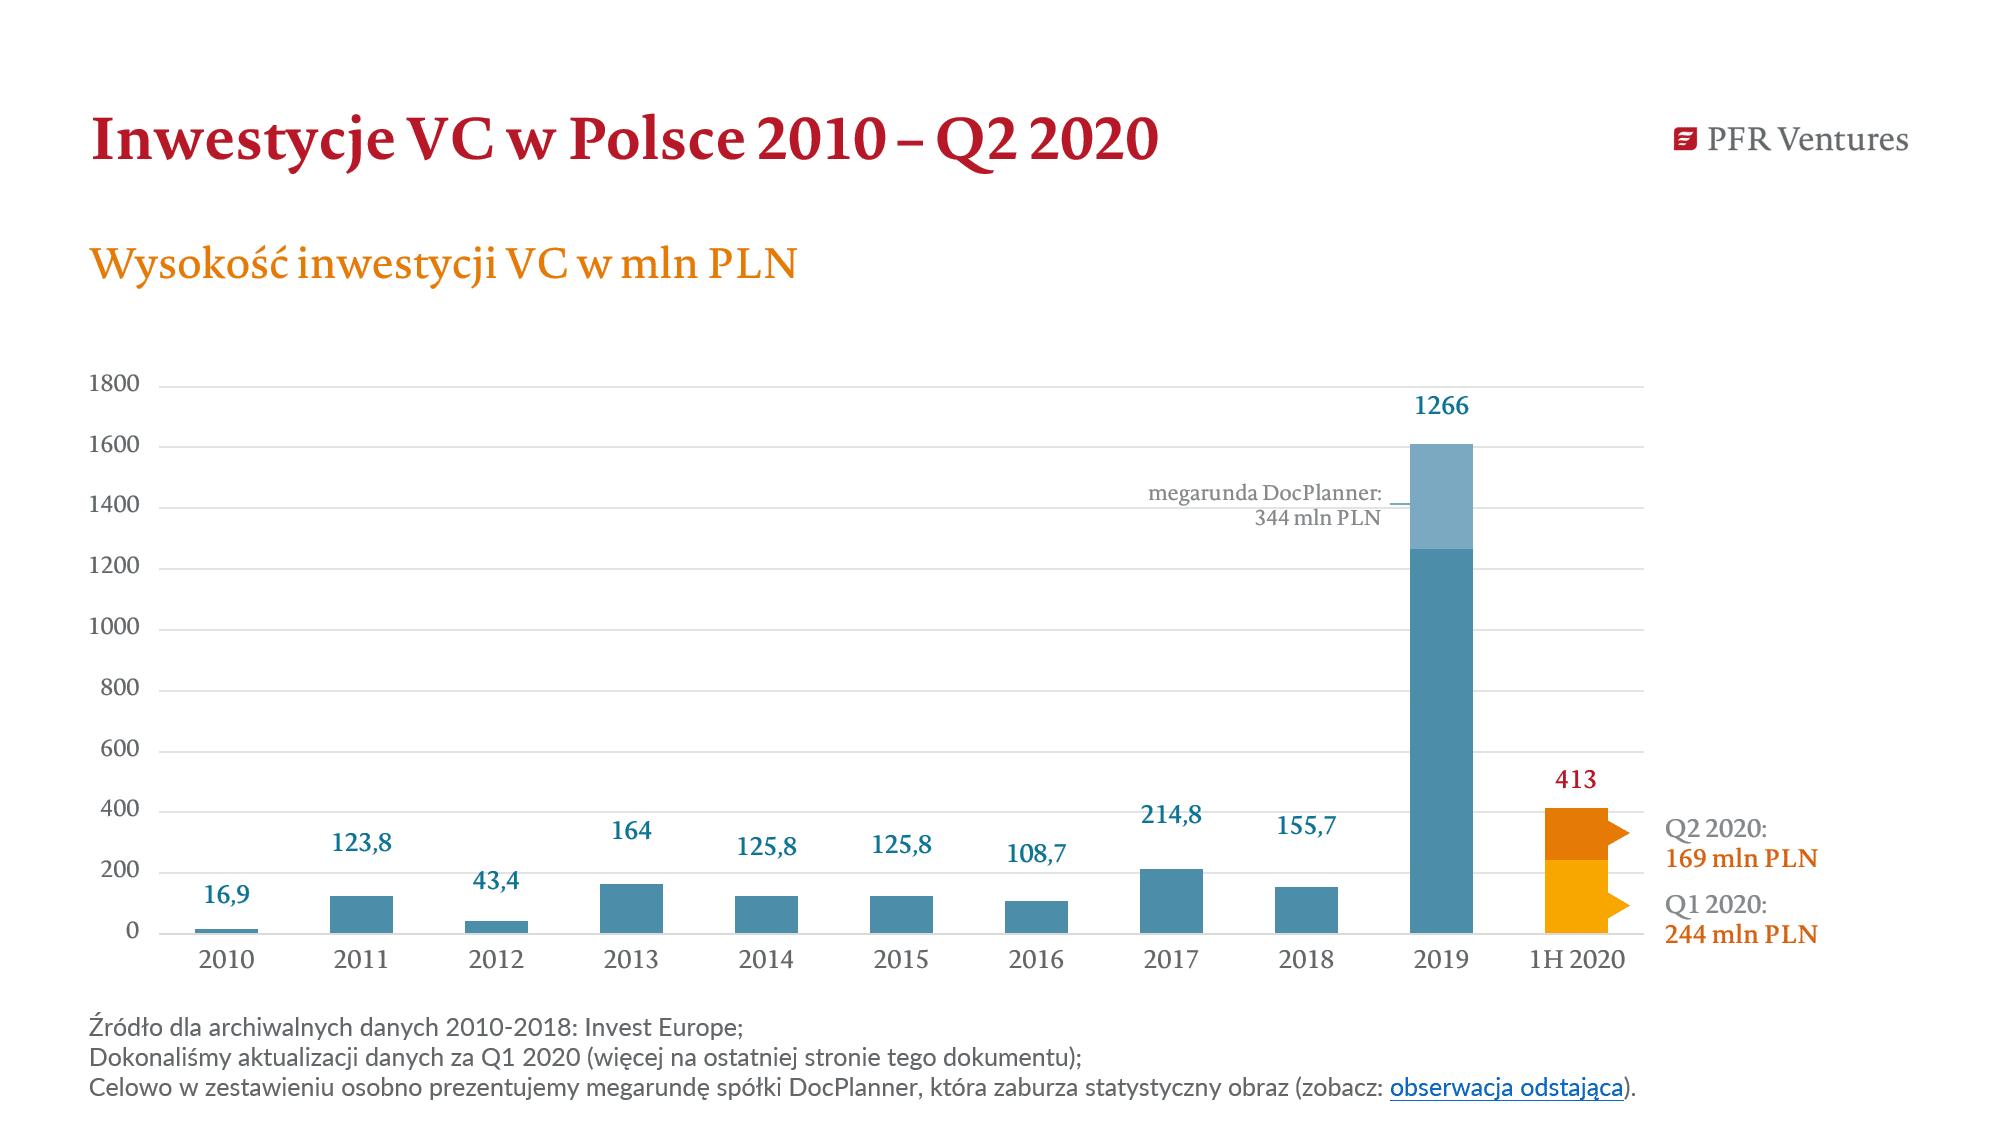 Wartość inwestycji venture capital w Polsce w drugim kwartale 2020